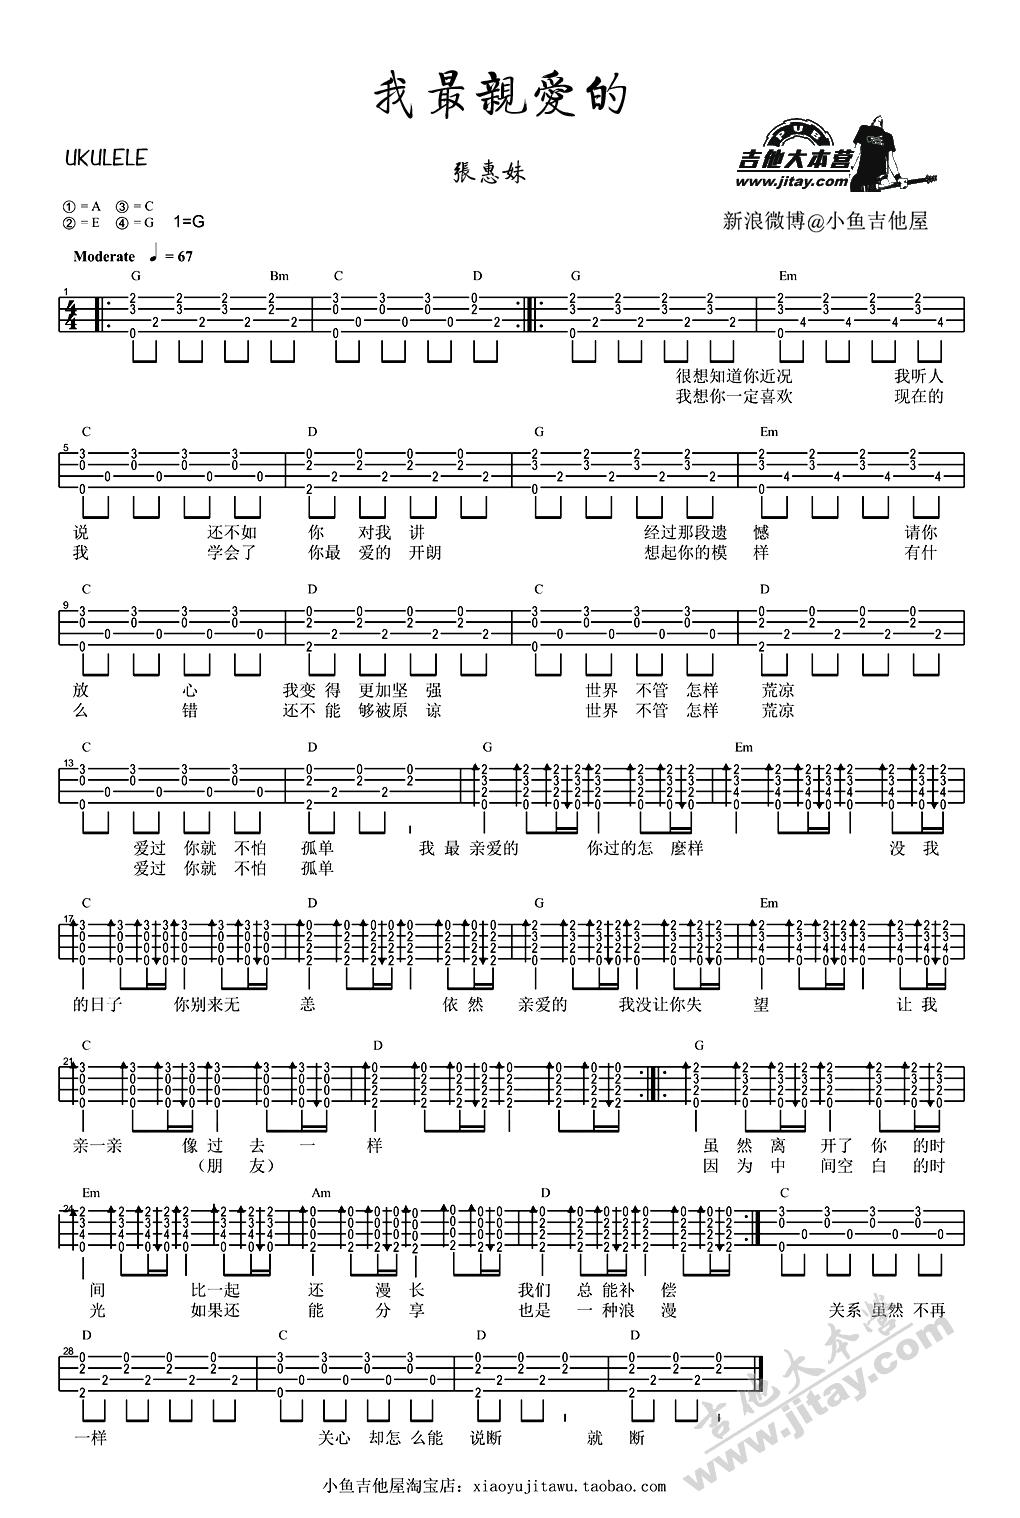 《我最亲爱的尤克里里谱_张惠妹(ukulele弹唱谱)》吉他谱